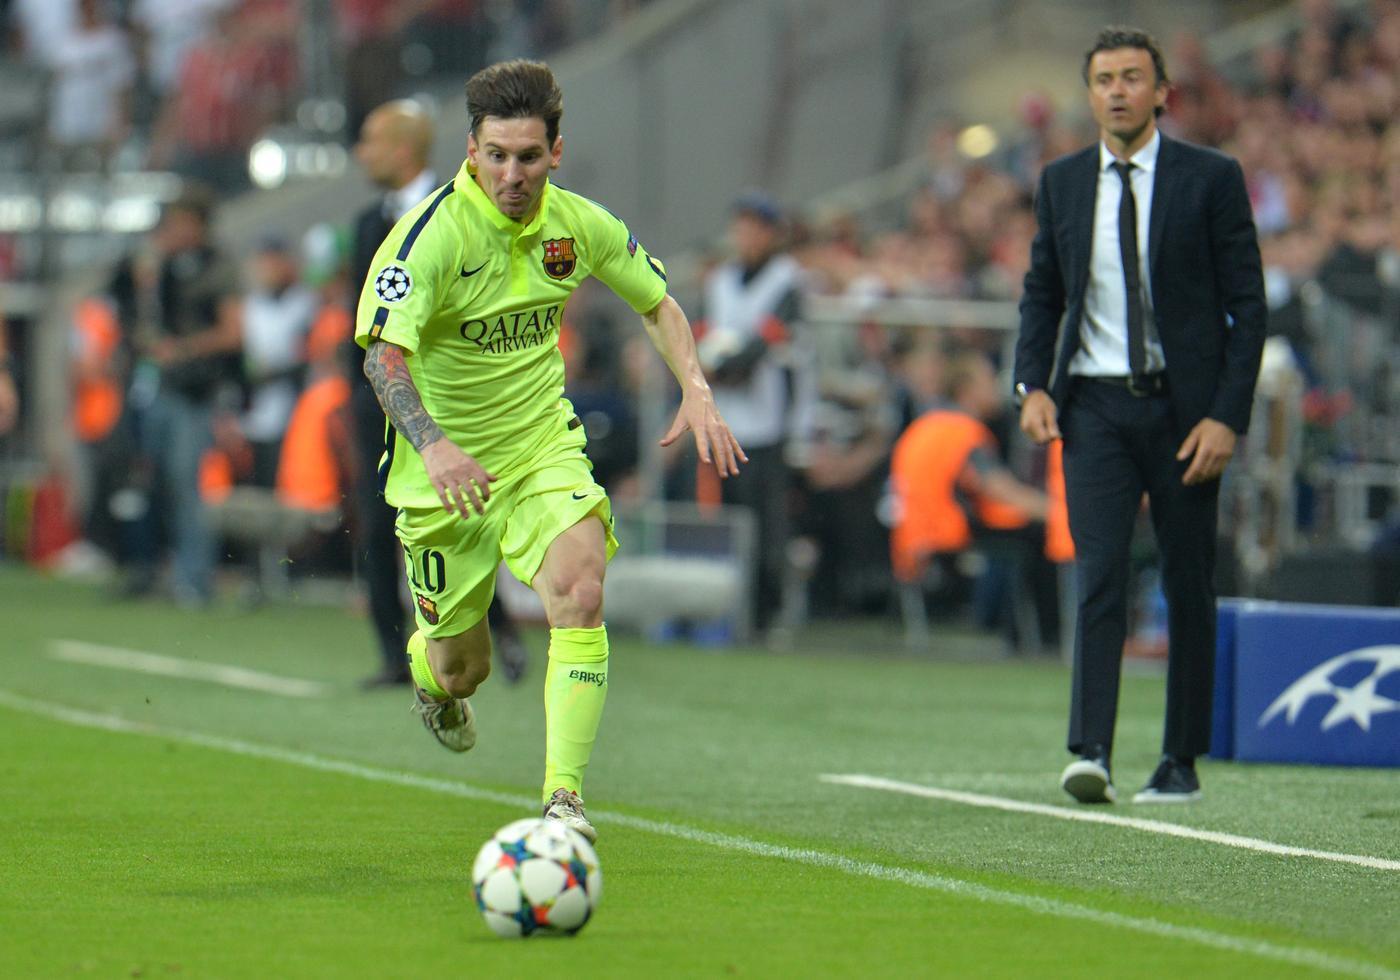 la liga week 37 soccer barcelona images 2015